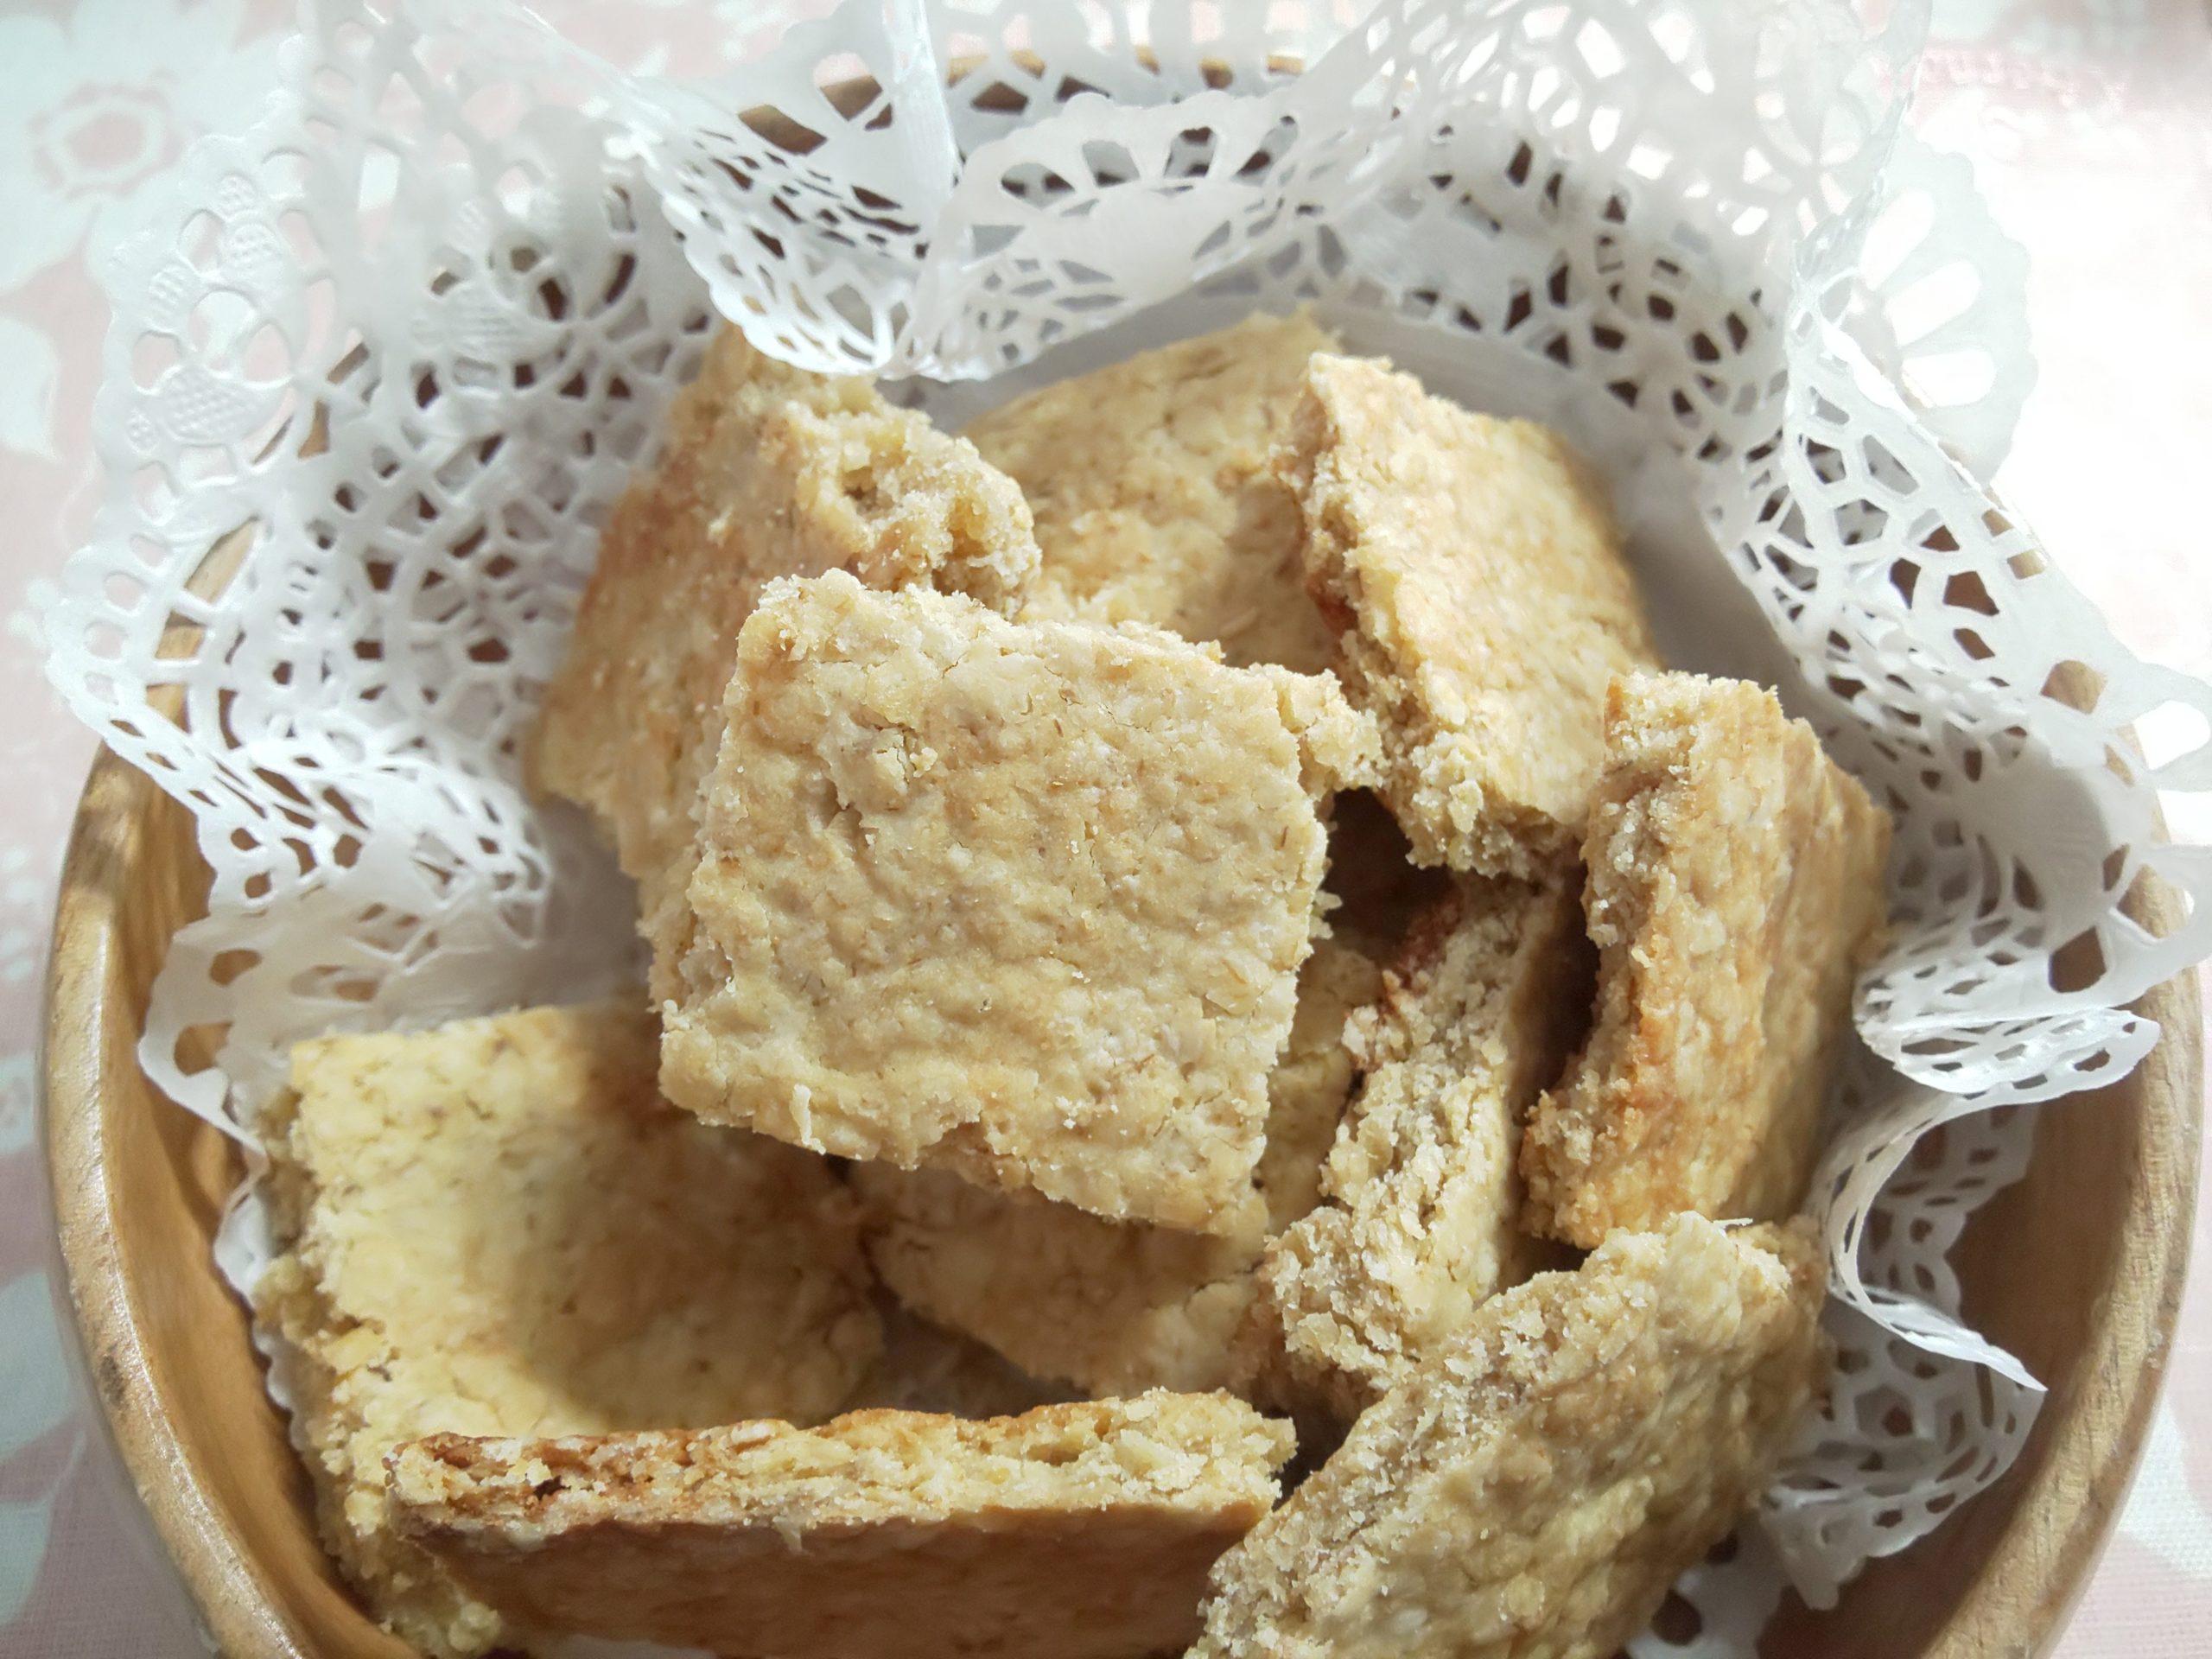 オートミールクッキー【大豆粉(おからパウダー)で健康的】